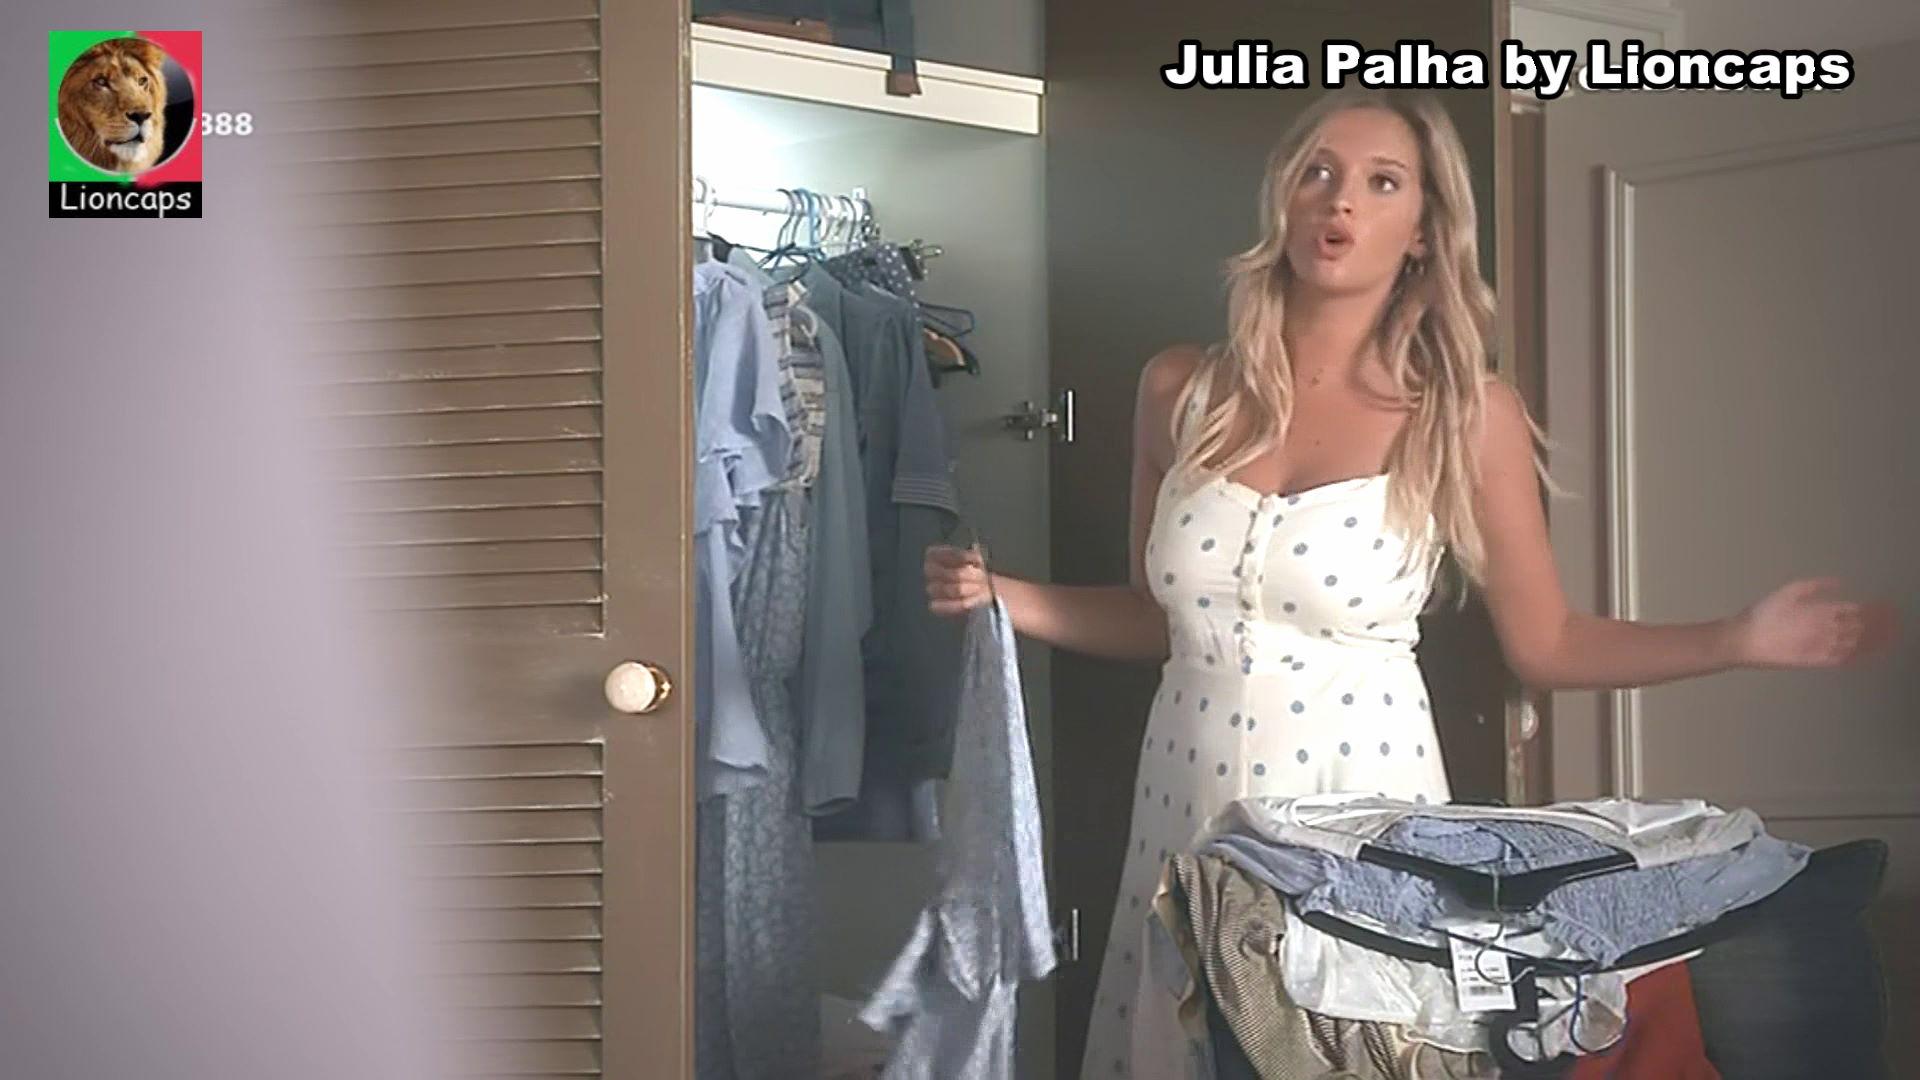 649385989_julia_palha_vs191101_0824_122_465lo.JPG